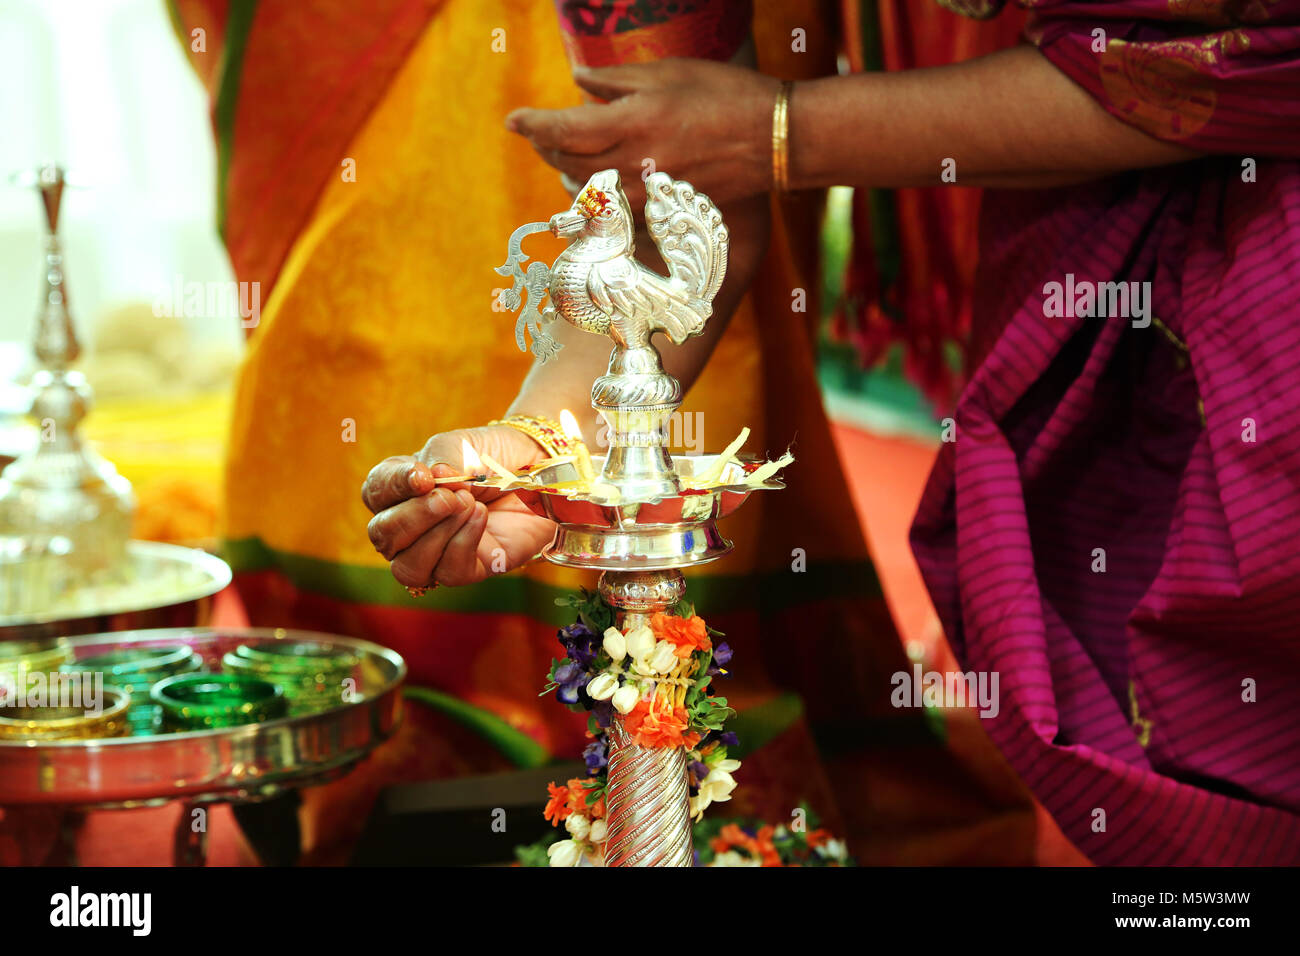 Hindu Hochzeit Rituale Der Traditionellen Sudindischen Messing Ol